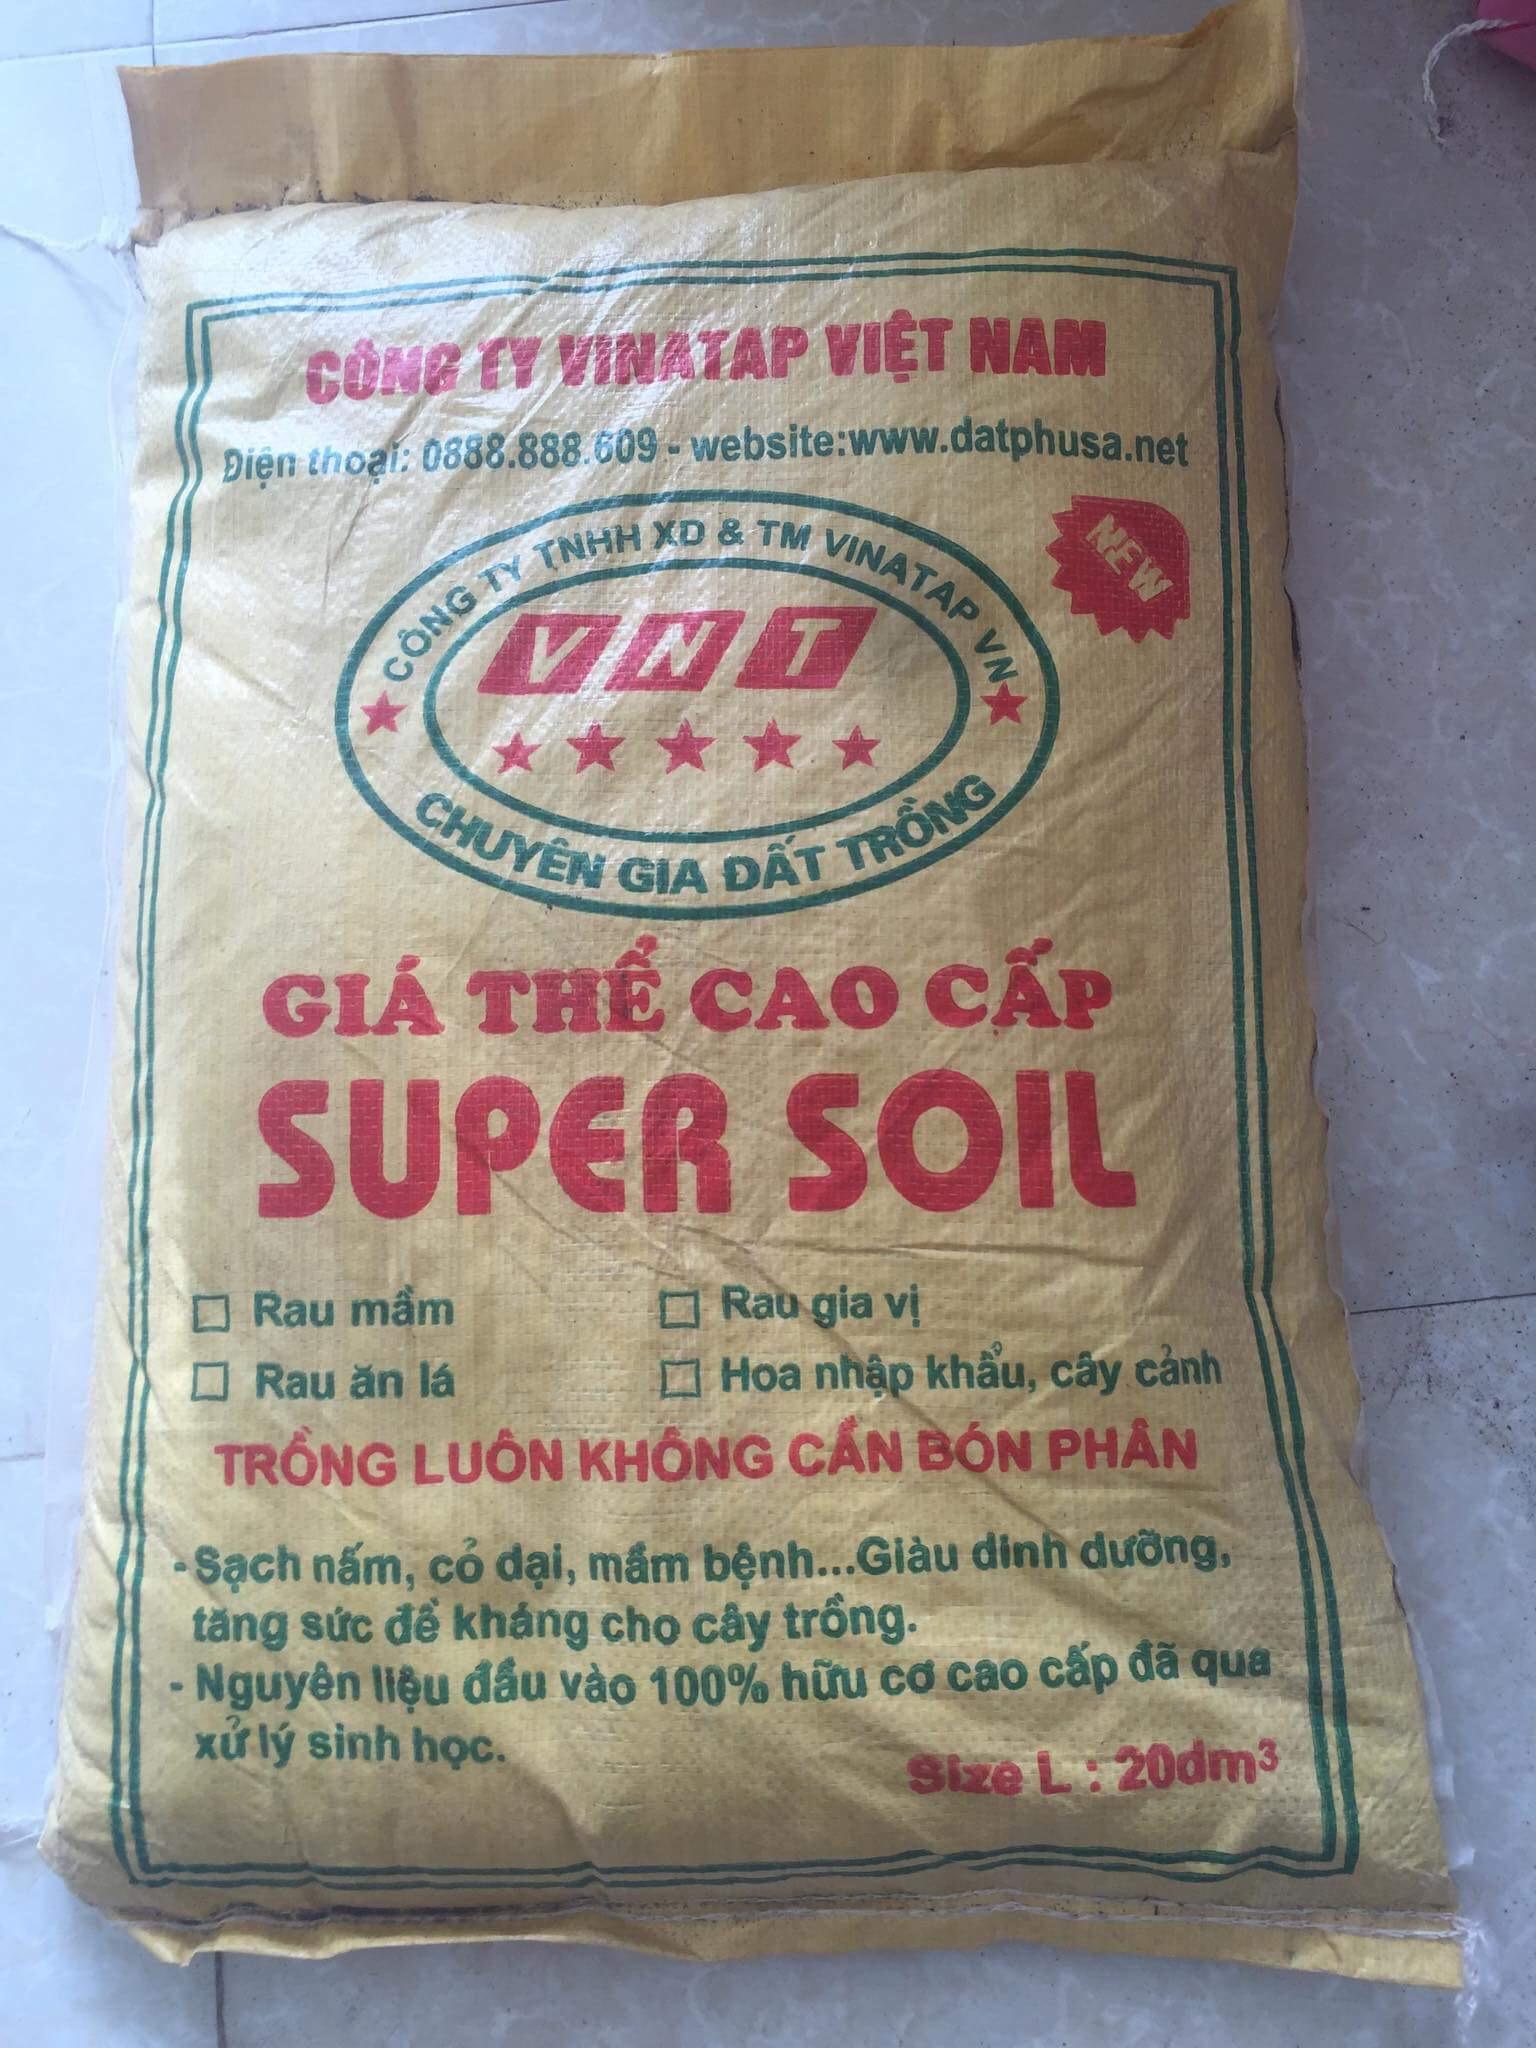 Giá thể cao cấp Super soil